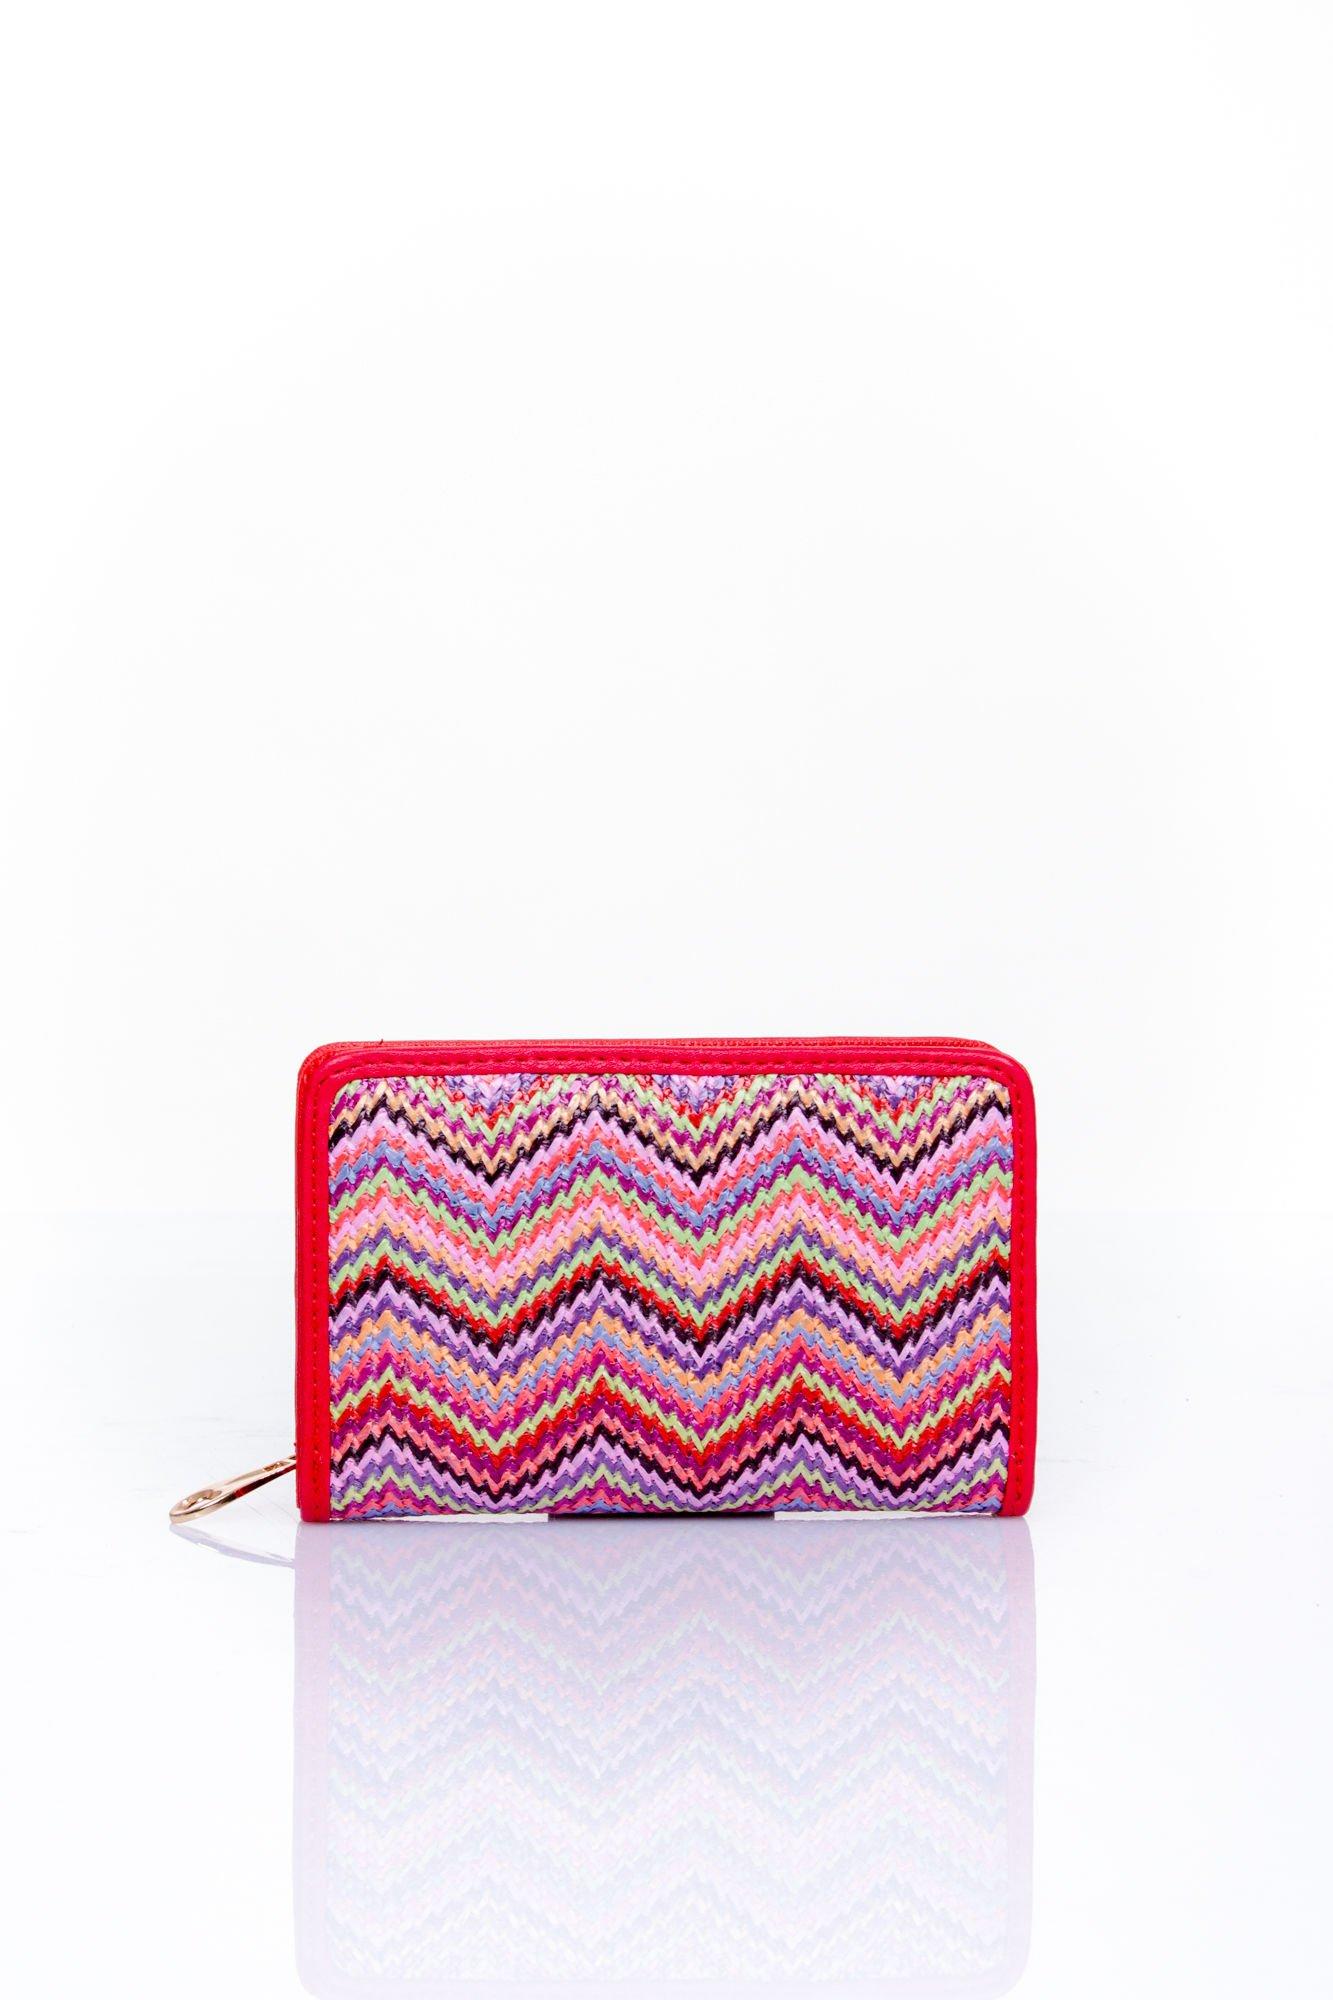 Czerwony portfel z motywem geometrycznej plecionki                                  zdj.                                  1